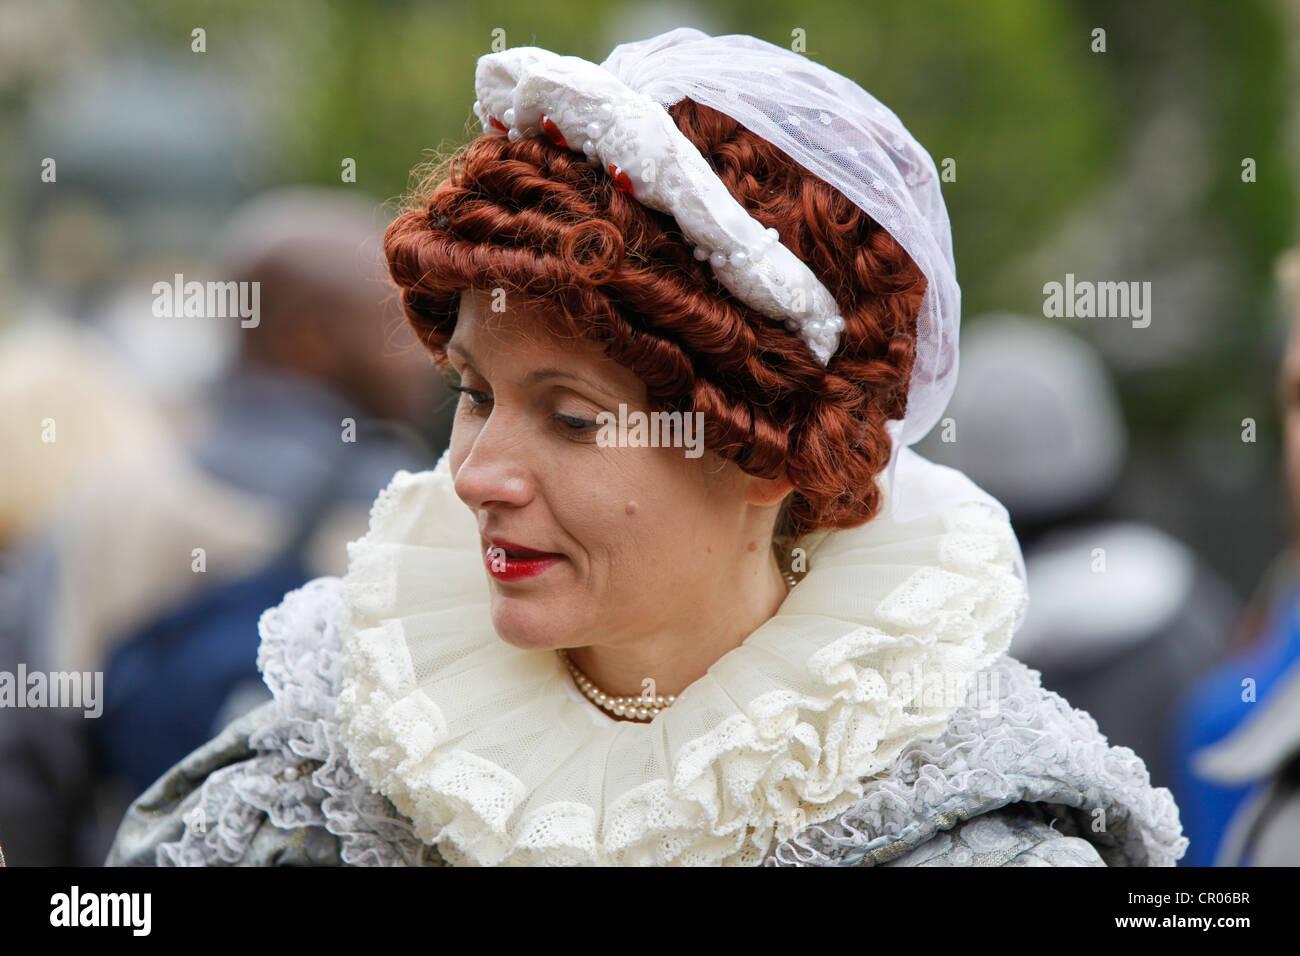 Artiste de rue ou une actrice habillée en Reine Elizabeth la première. Au cours des célébrations du Jubilé de diamant Banque D'Images